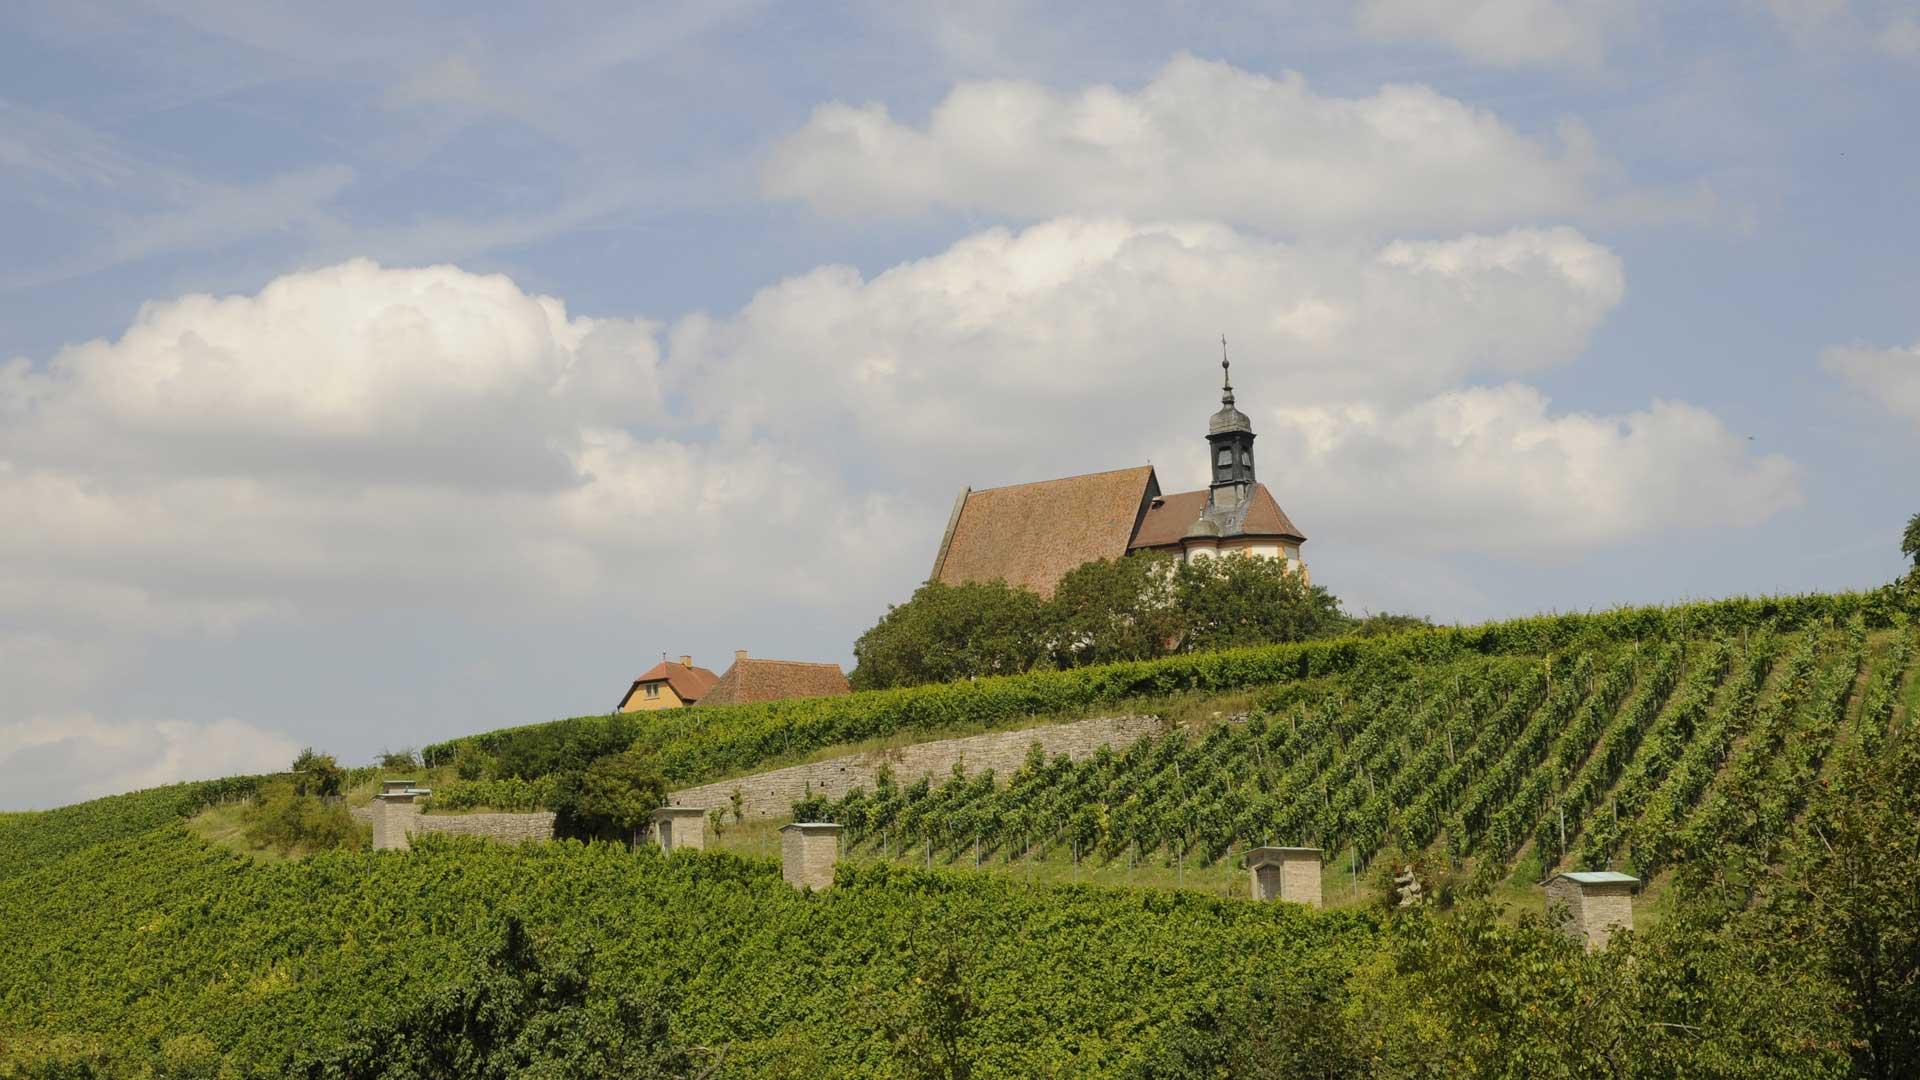 De pelgrimskerk St. Maria im Weingarten ligt tussen de wijnbergern bij Volkach.